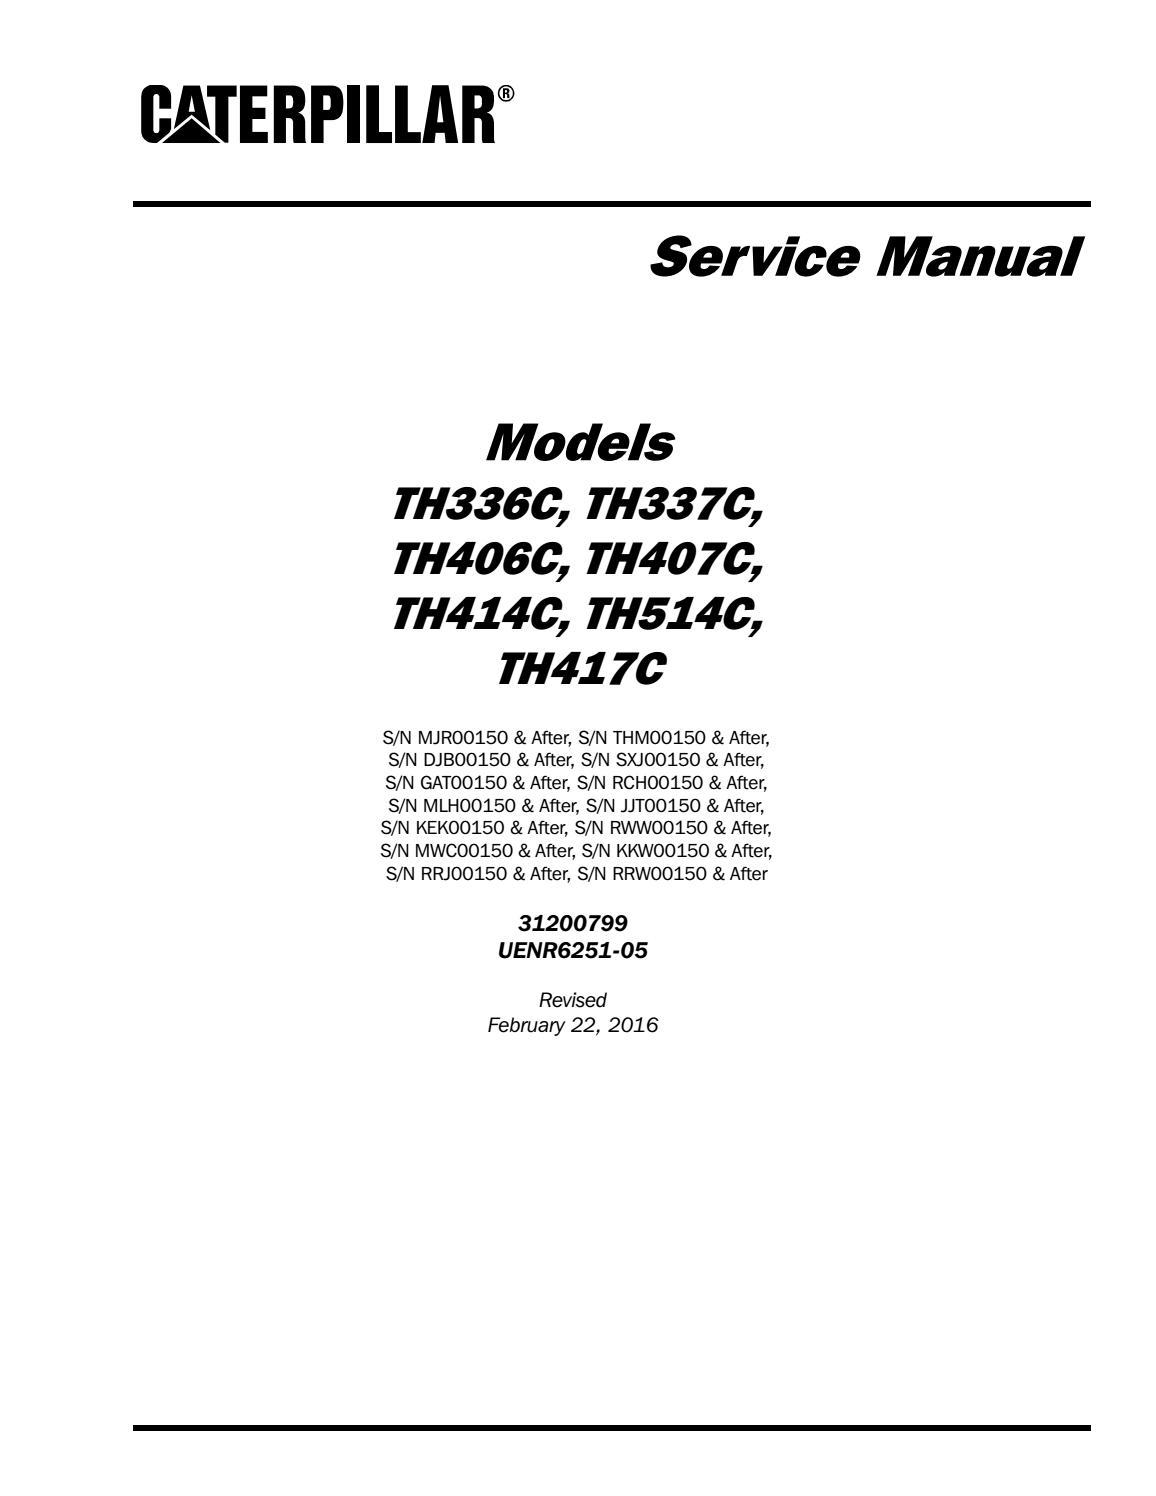 Caterpillar Cat TH417C Telehandler Service Repair Manual